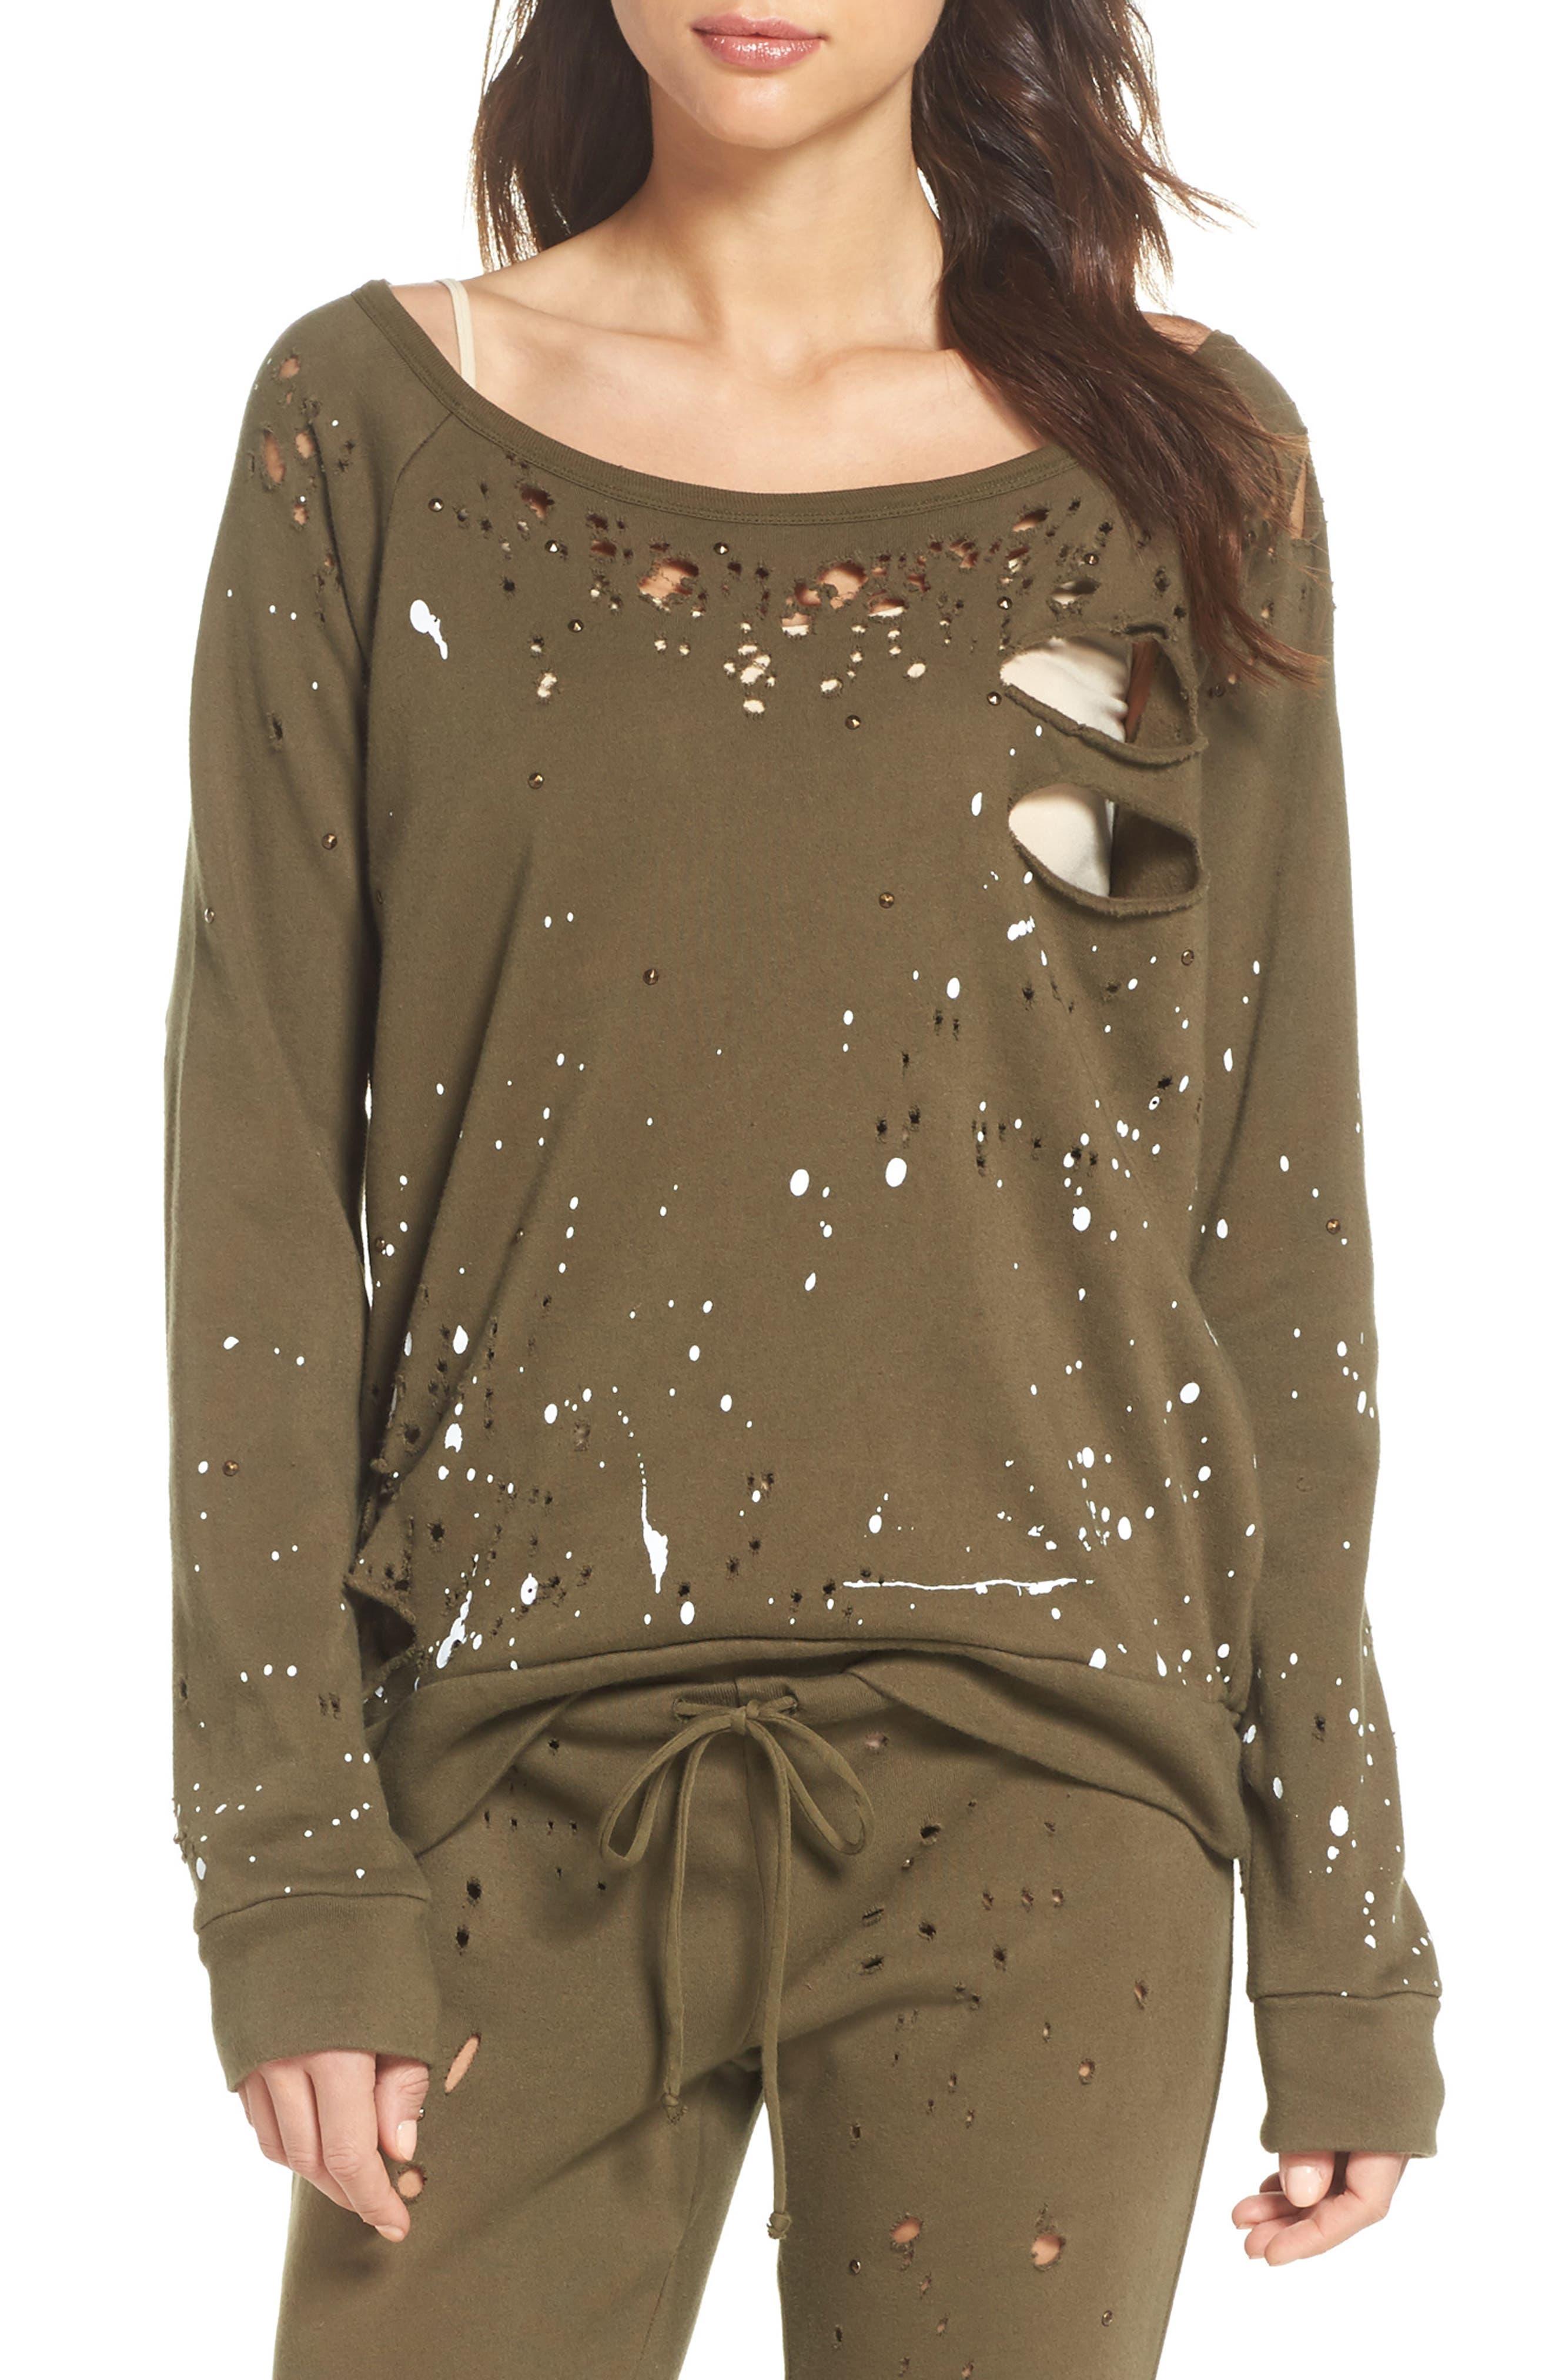 Main Image - Chaser Distressed Fleece Sweatshirt